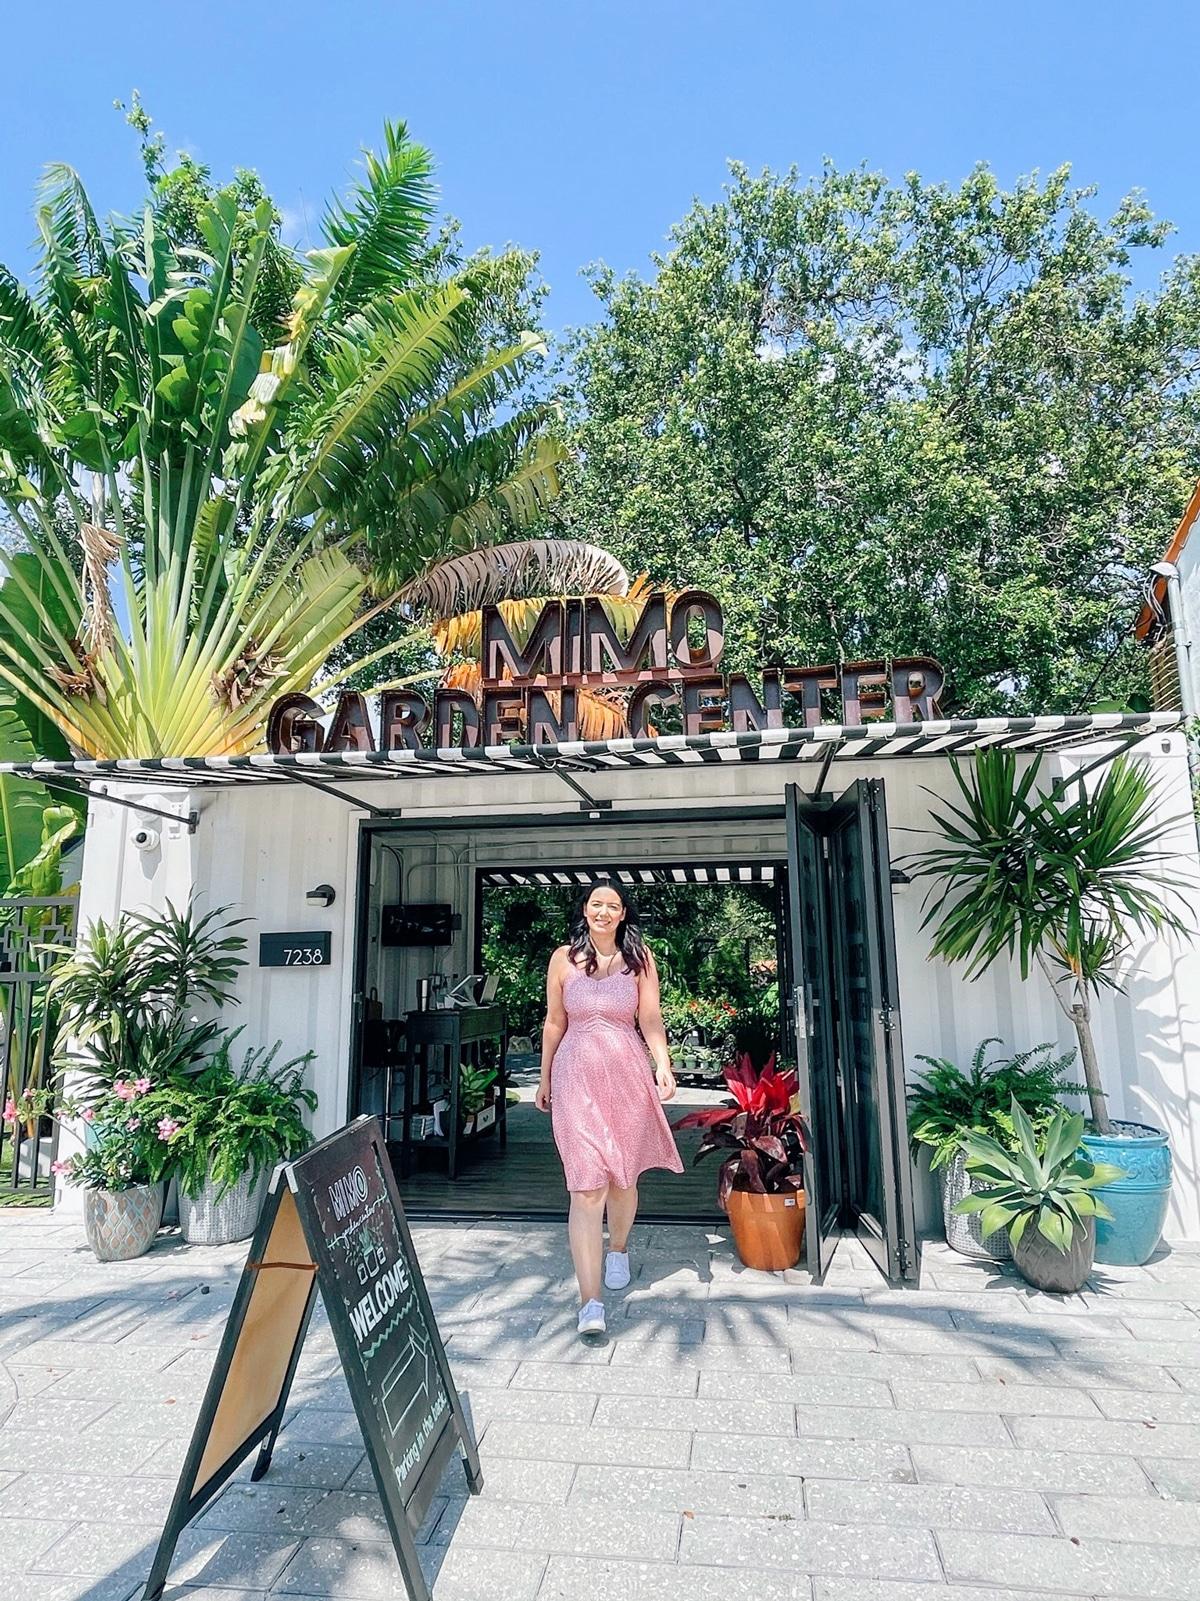 Mimo Garden Center - Things To Do in Mimo Miami